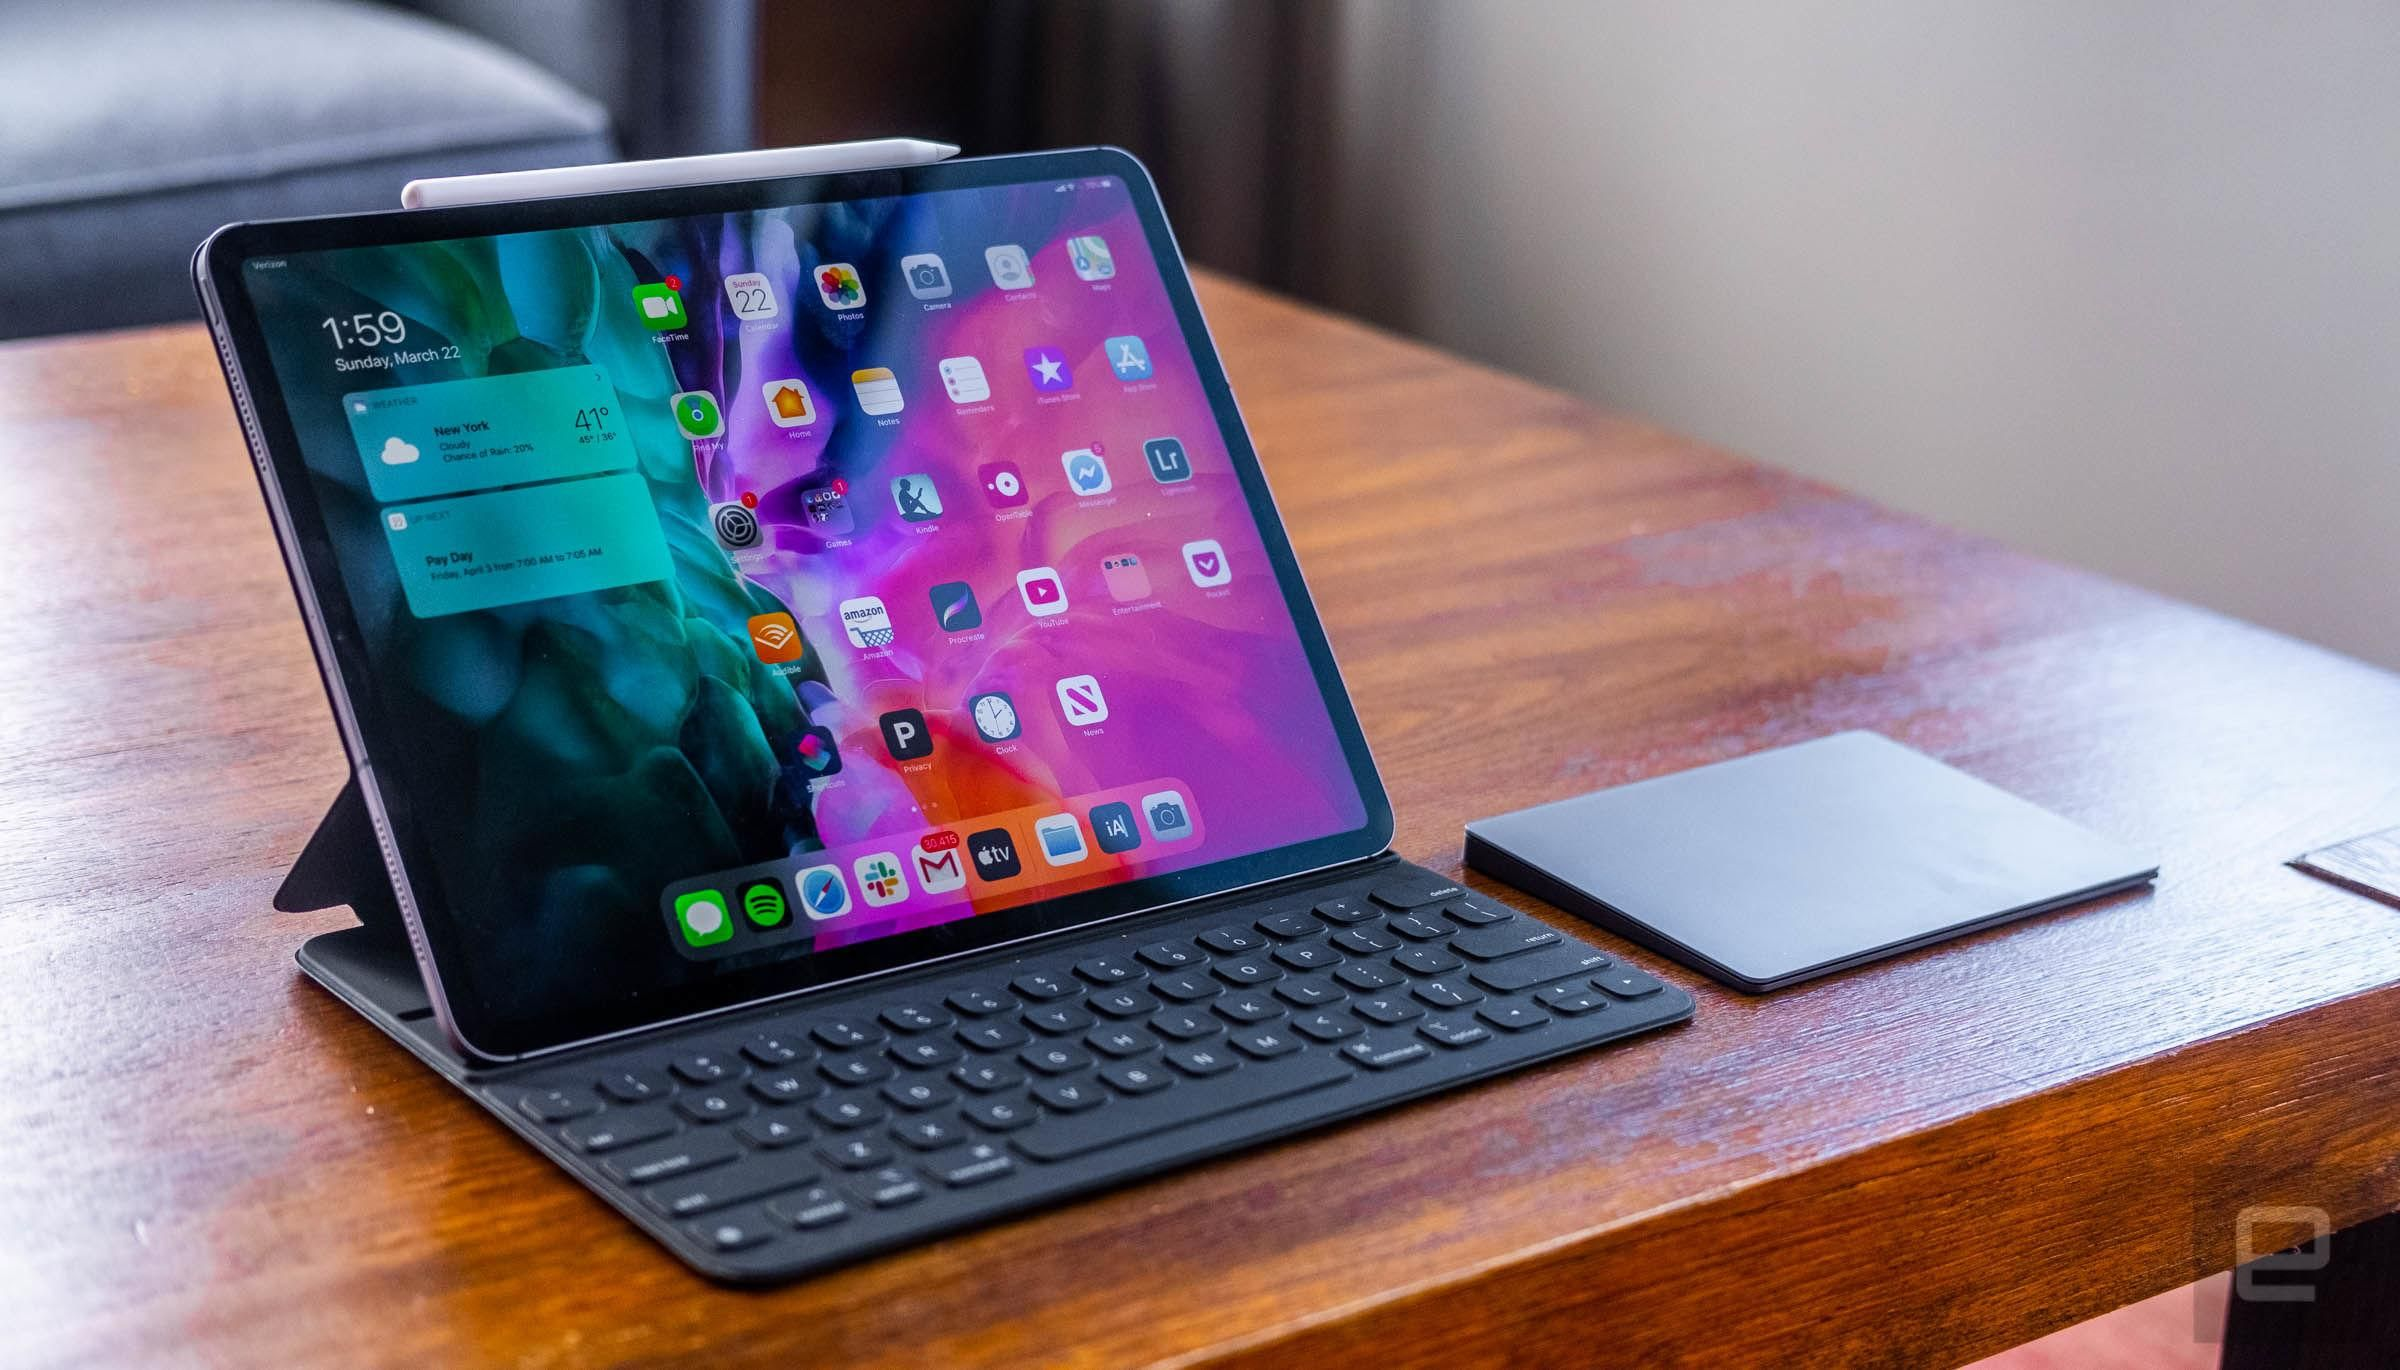 Guide on iPad Pro 2021 | Apple ipad pro, Latest ipad, Ipad ...